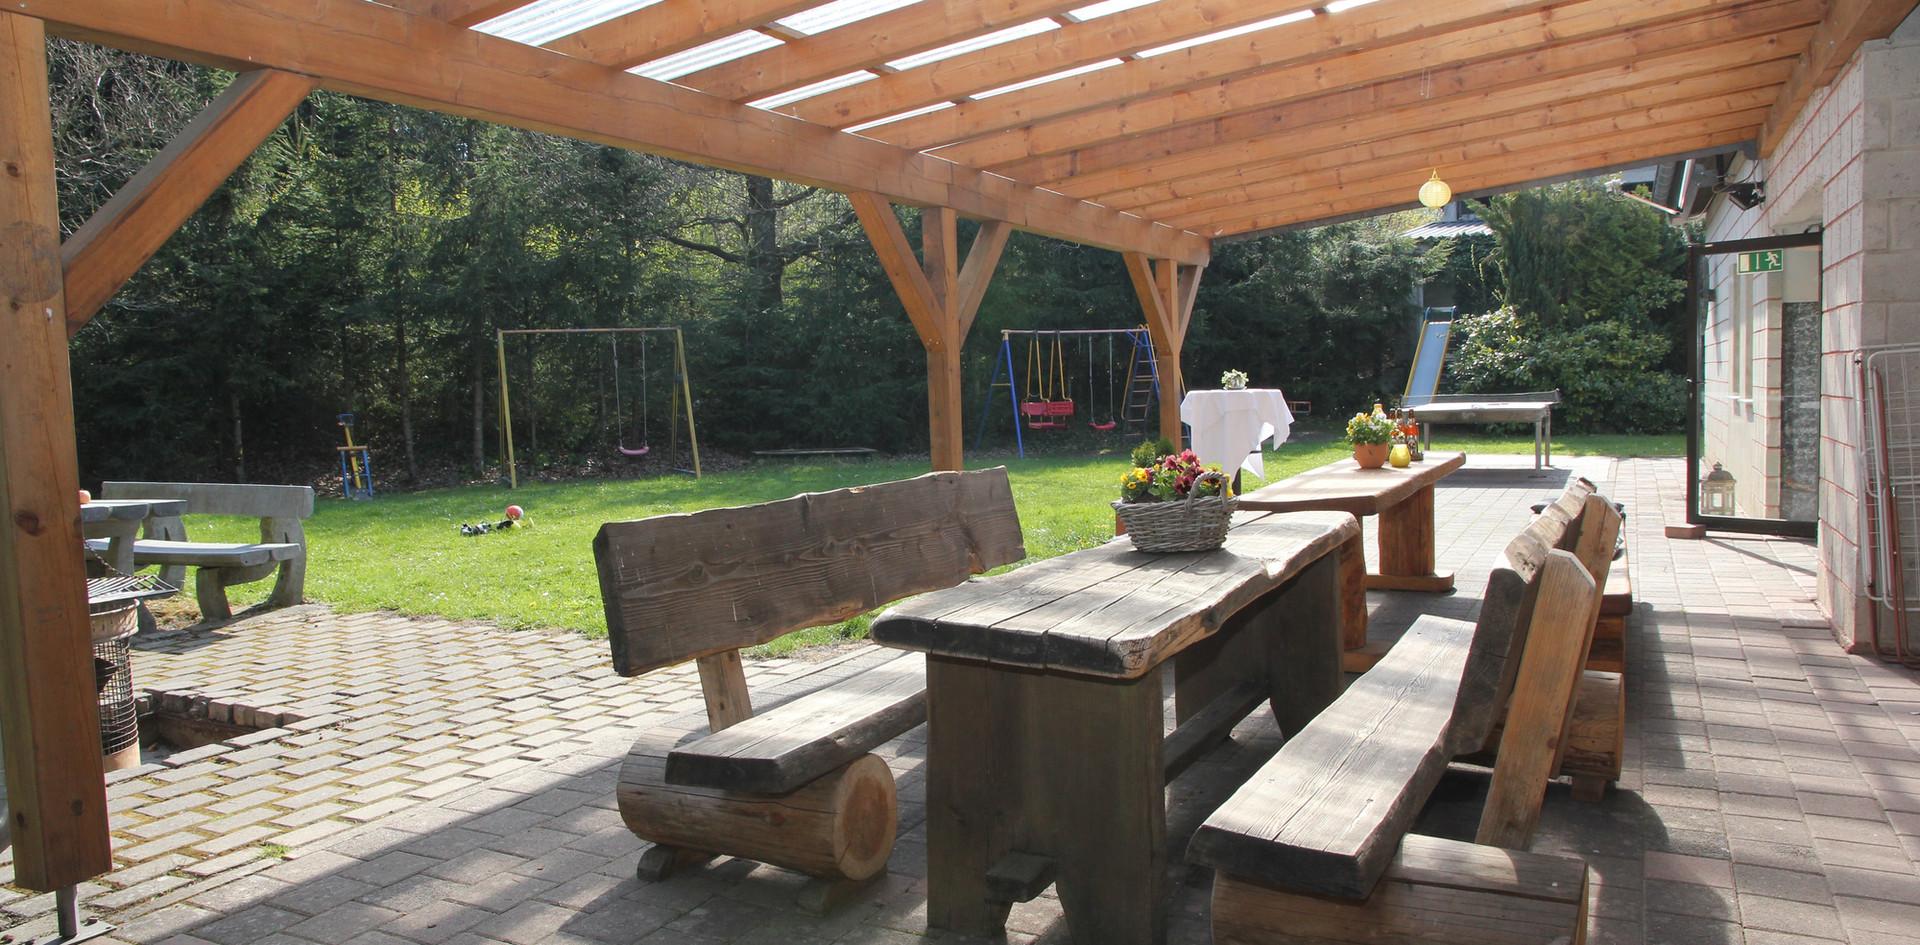 überdachte Terrasse mit Grillplatz